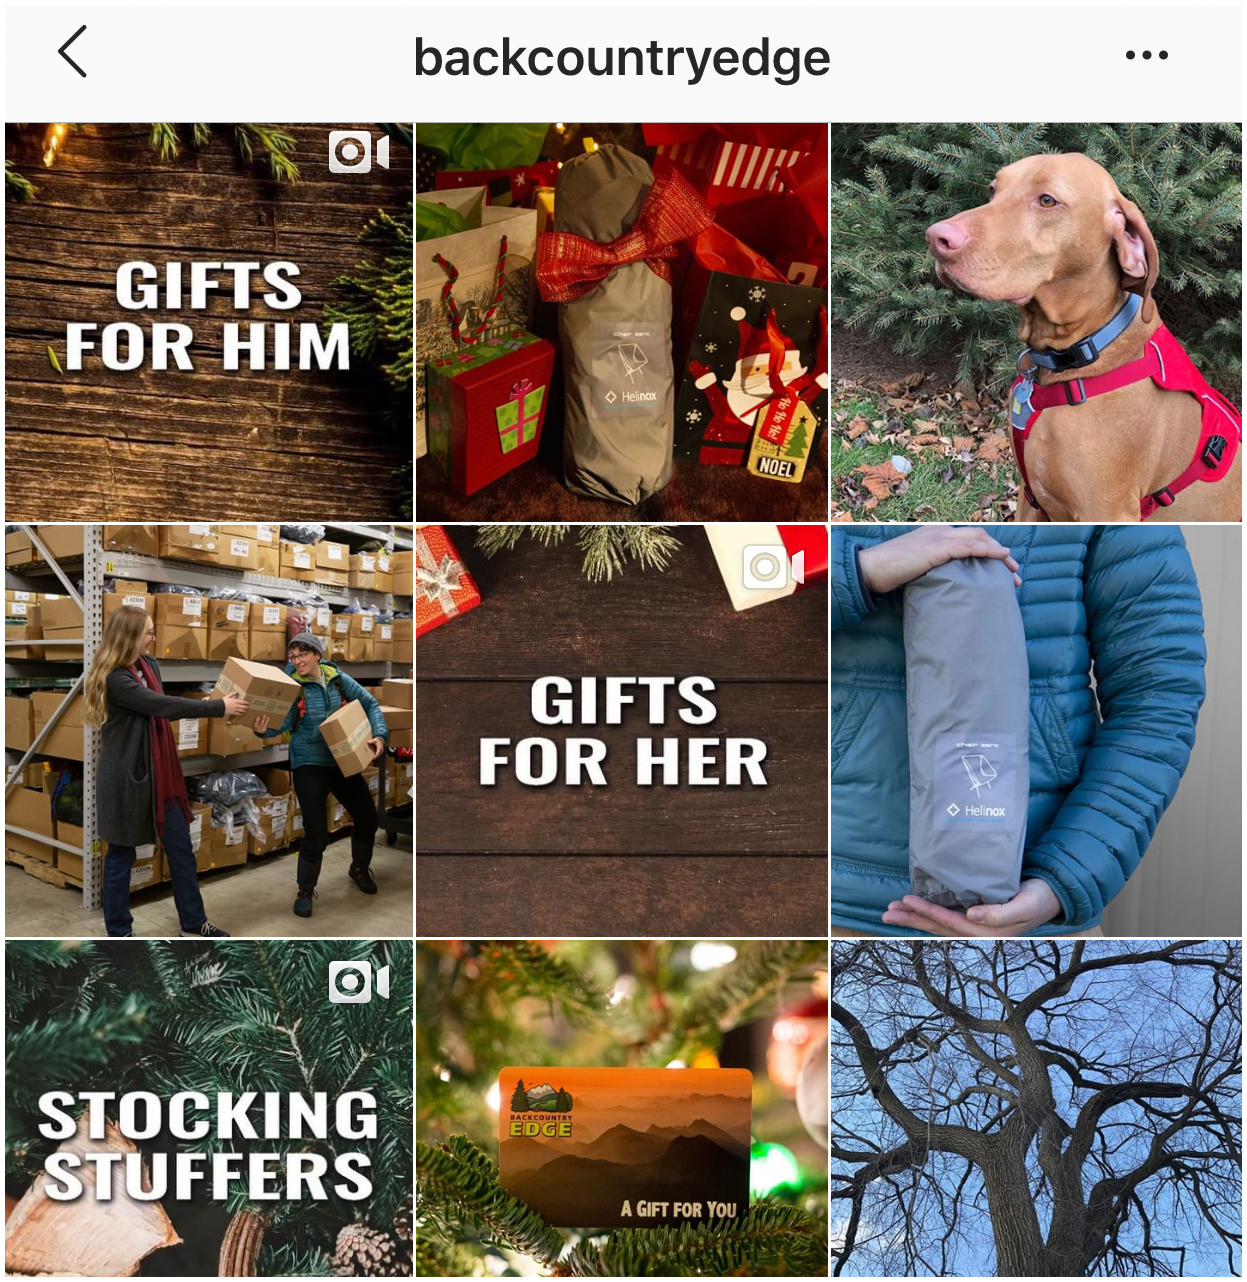 backcountryedge_socialmedia